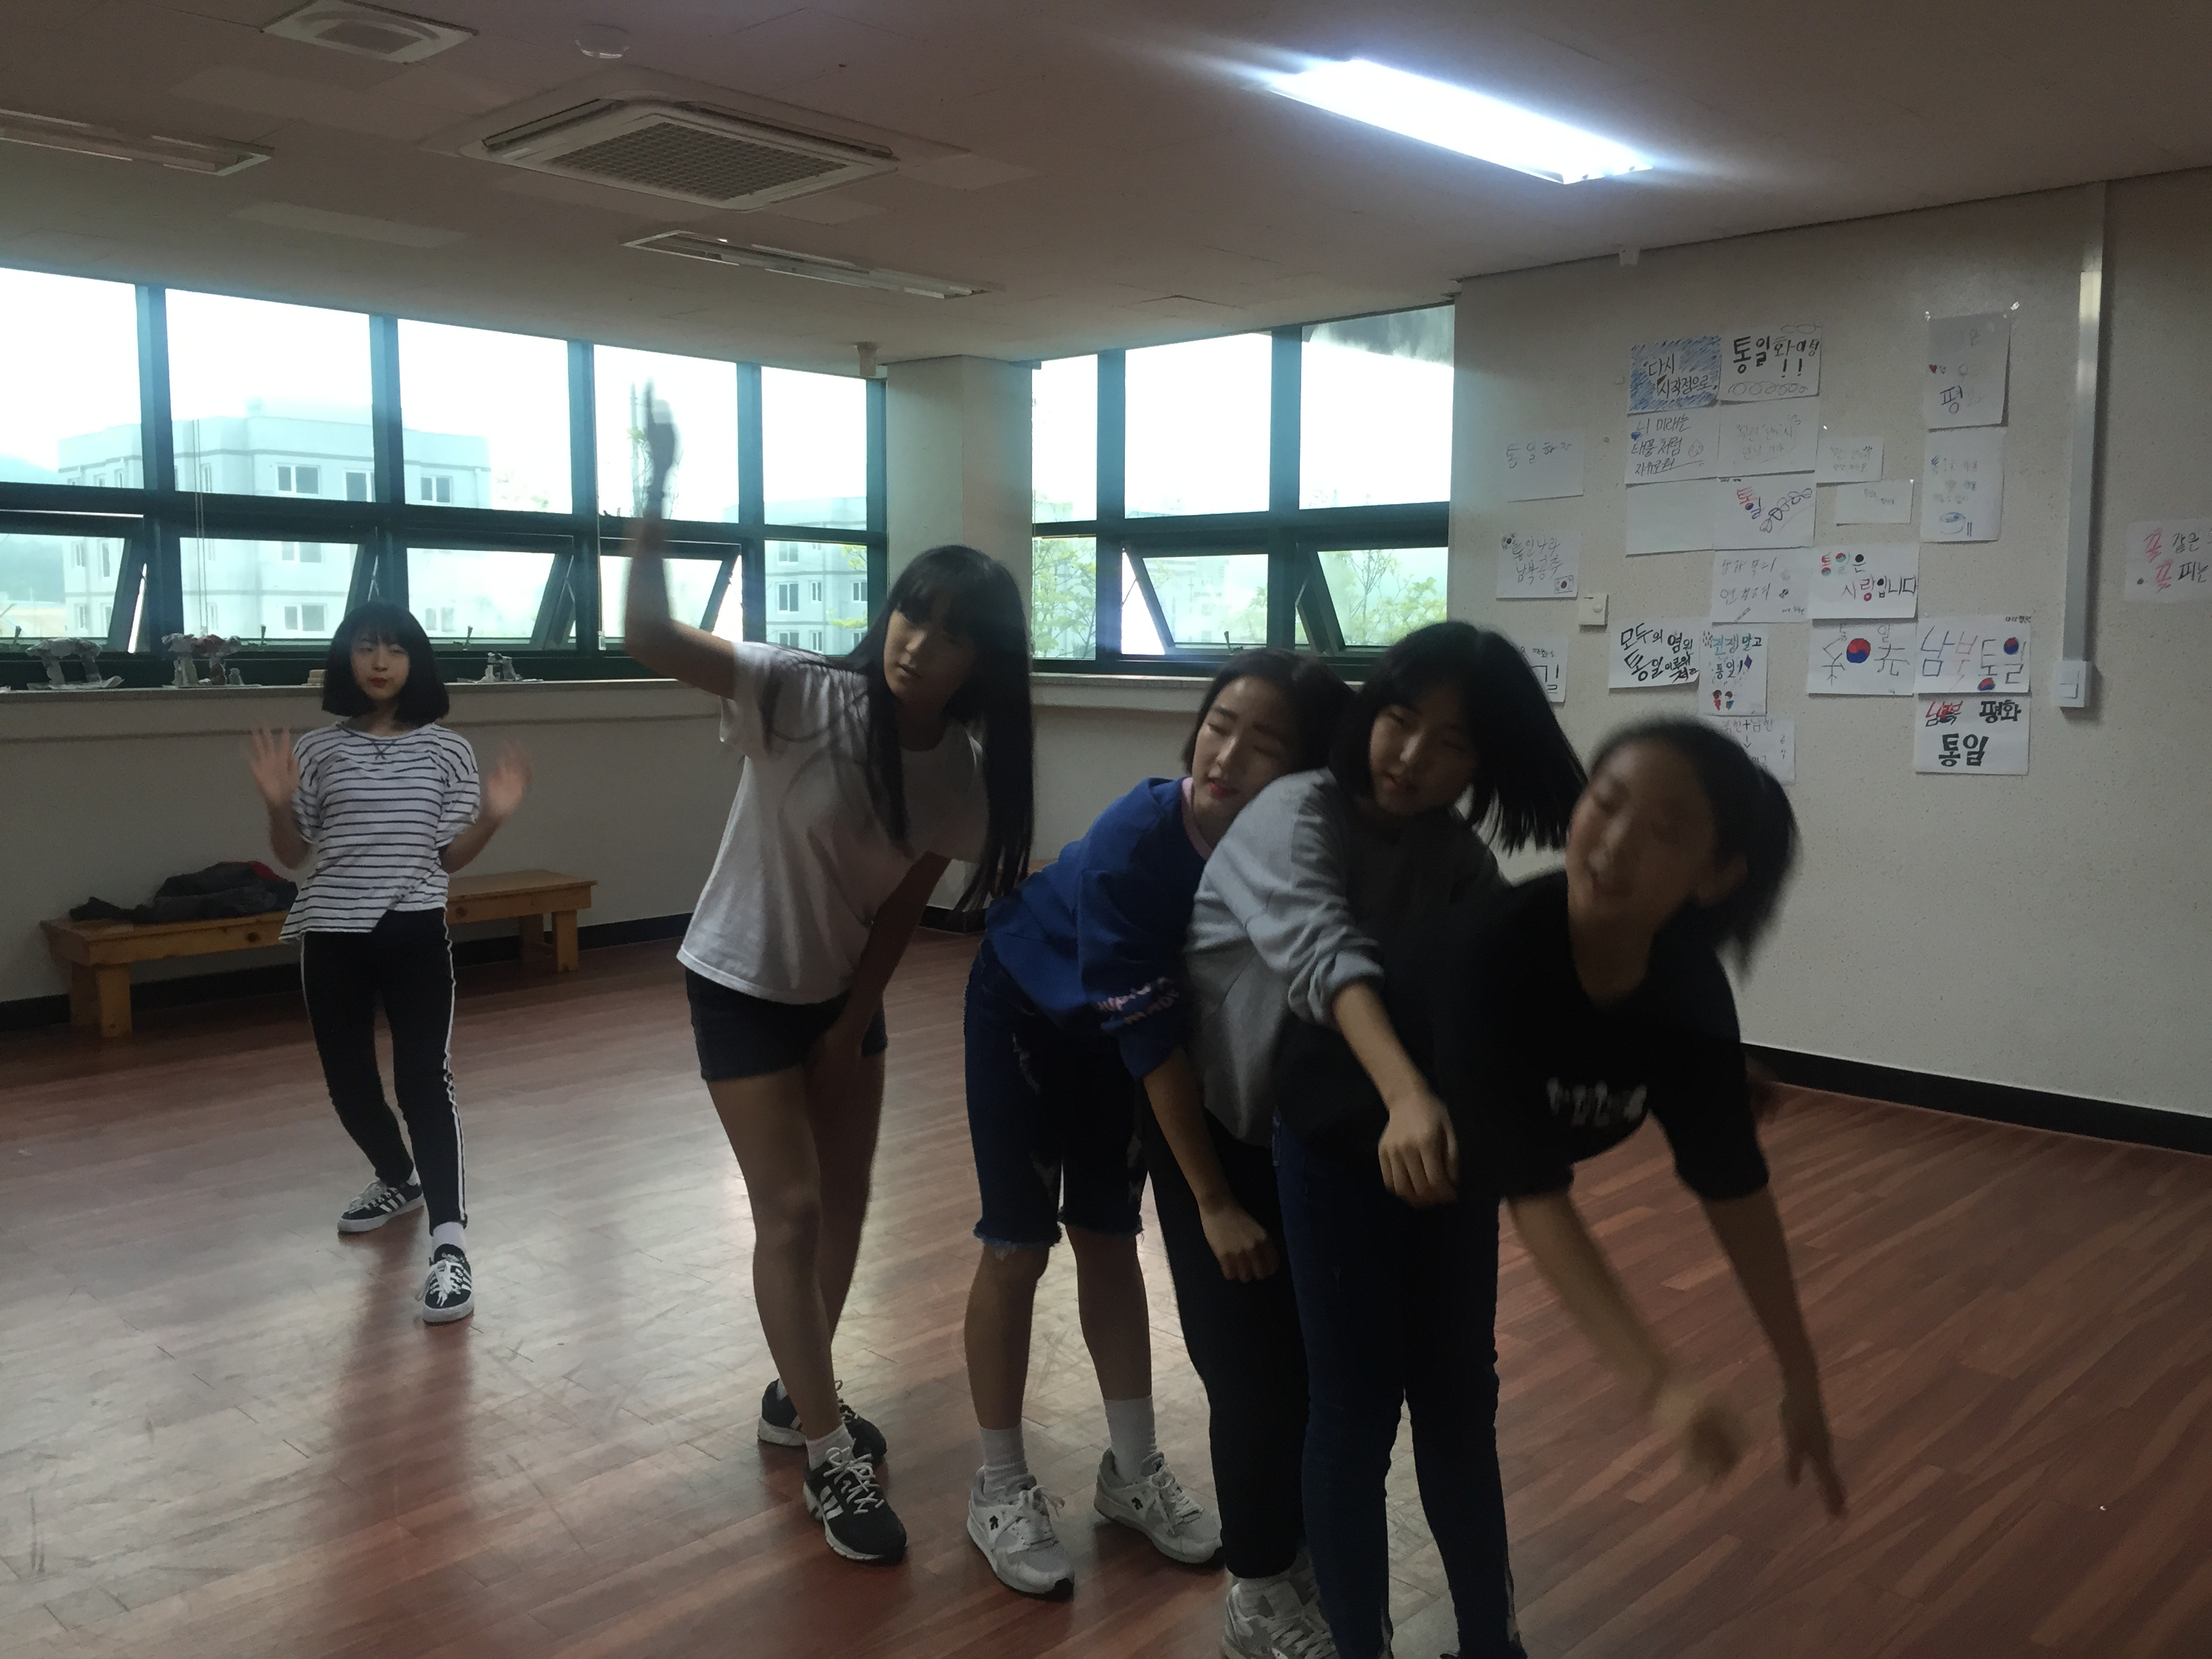 [일반] 1학년 댄스반 자율동아리 활동모습의 첨부이미지 4